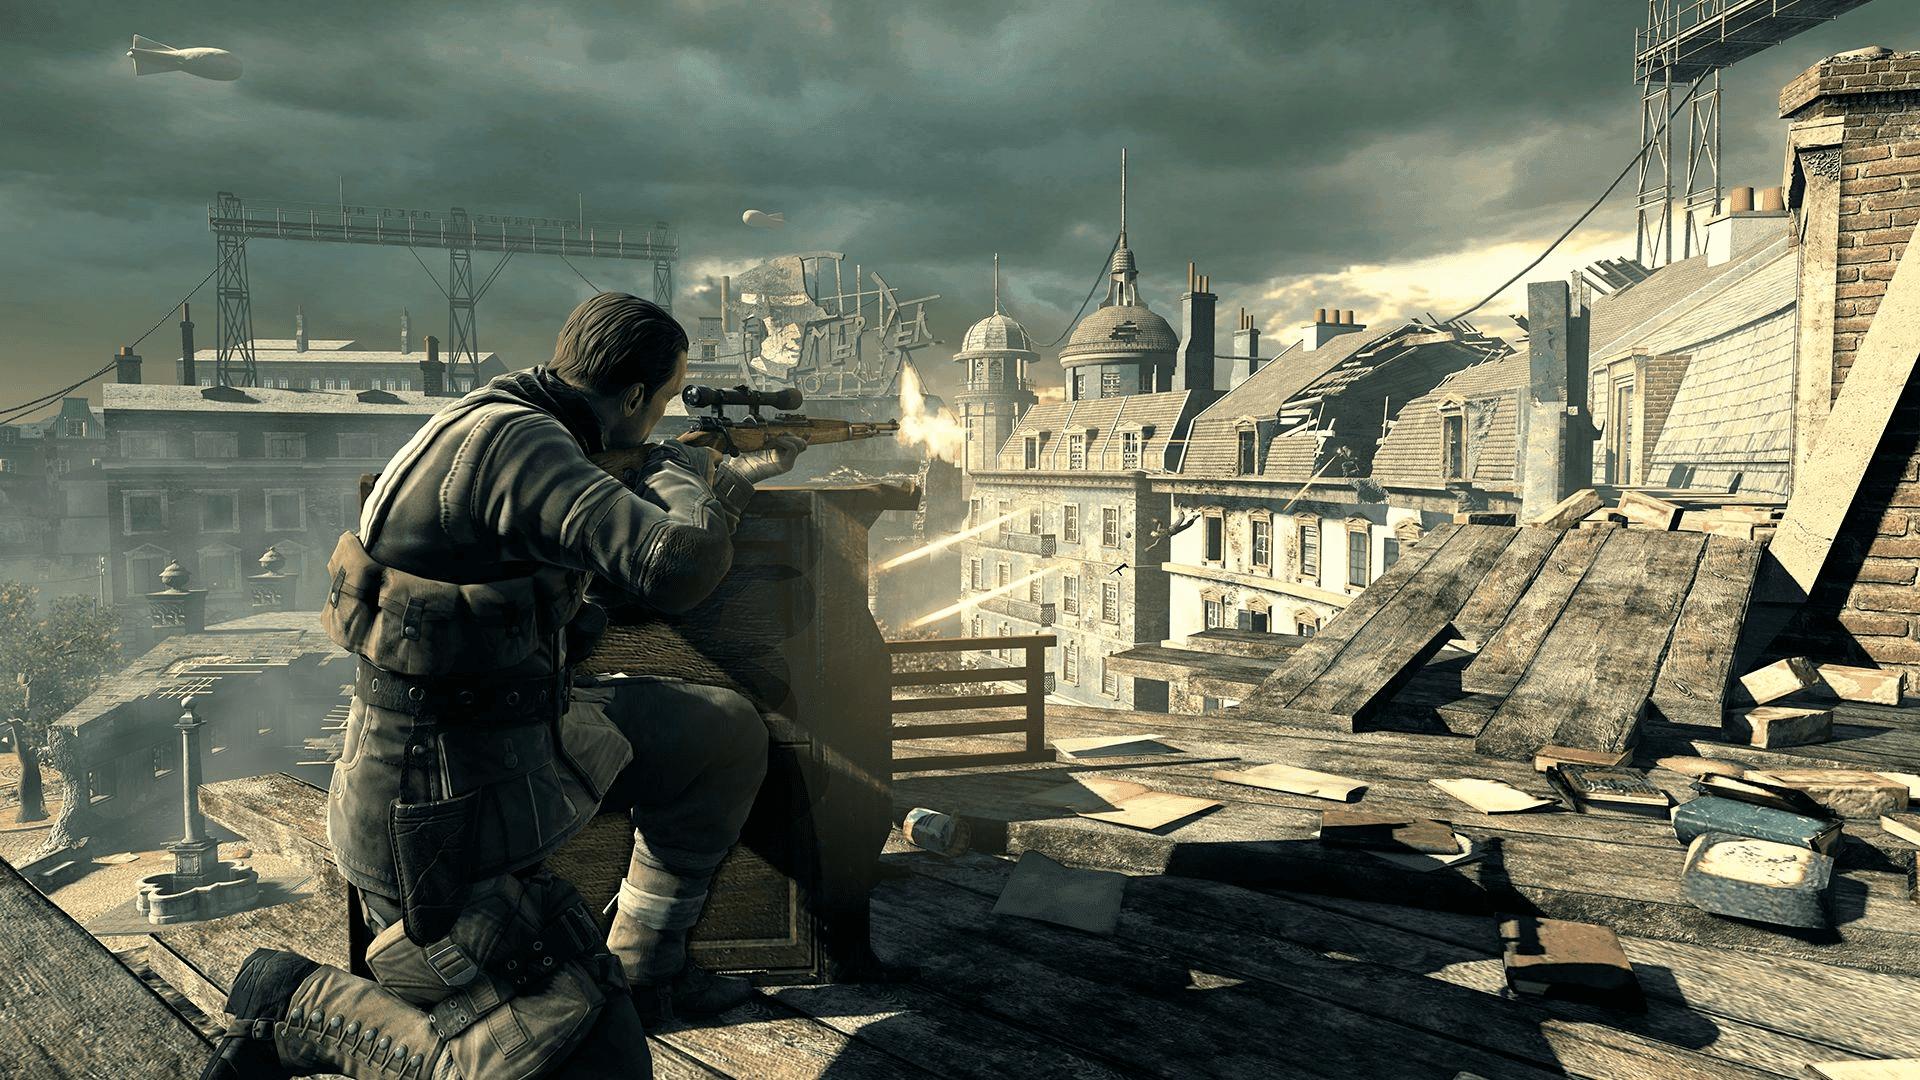 Sniper elite v2 st. Pierre buy and download on gamersgate.